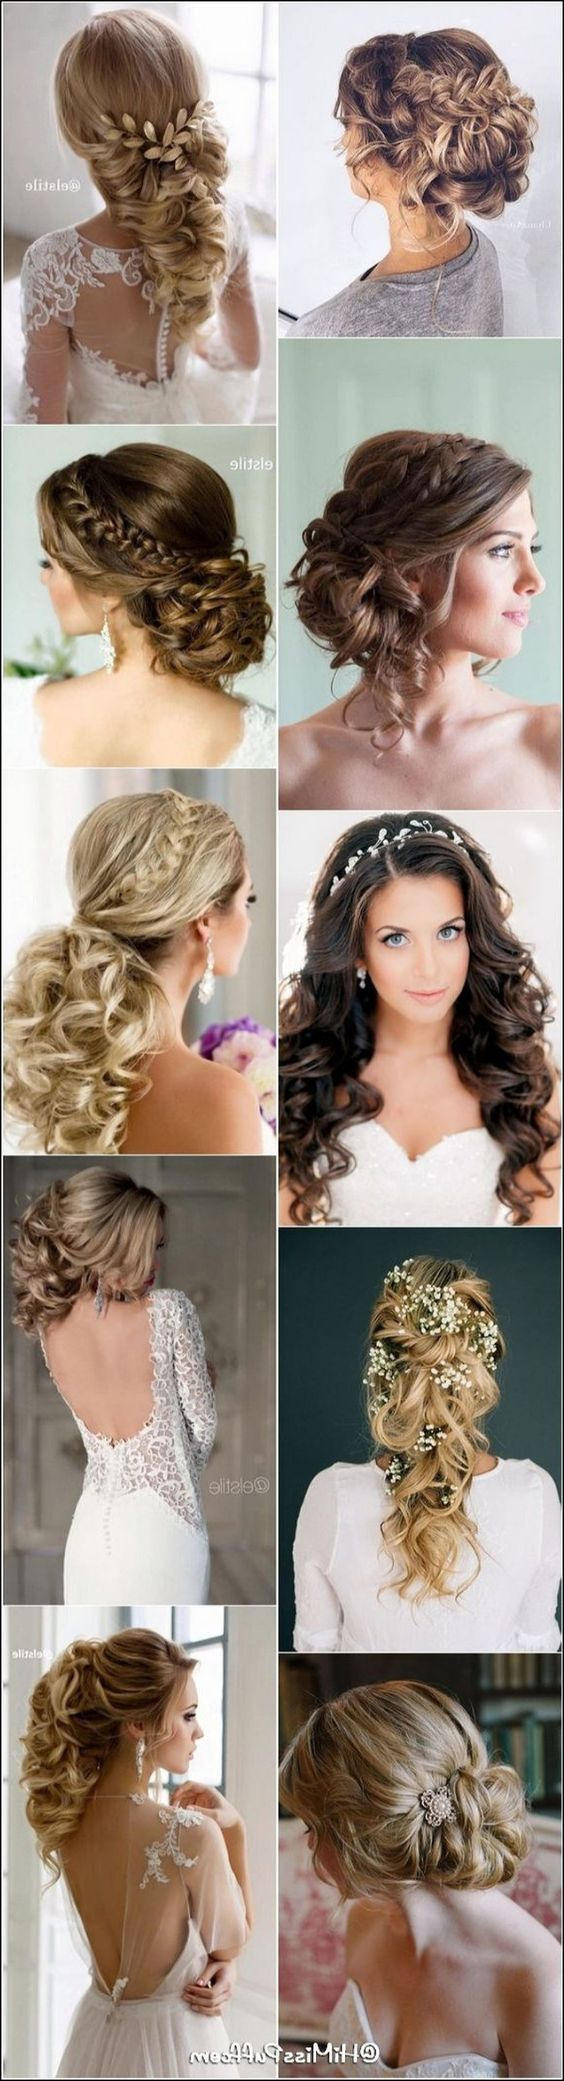 Fabelhafte Hochzeitsbrautfrisuren für langes Haar - Meine Frisuren